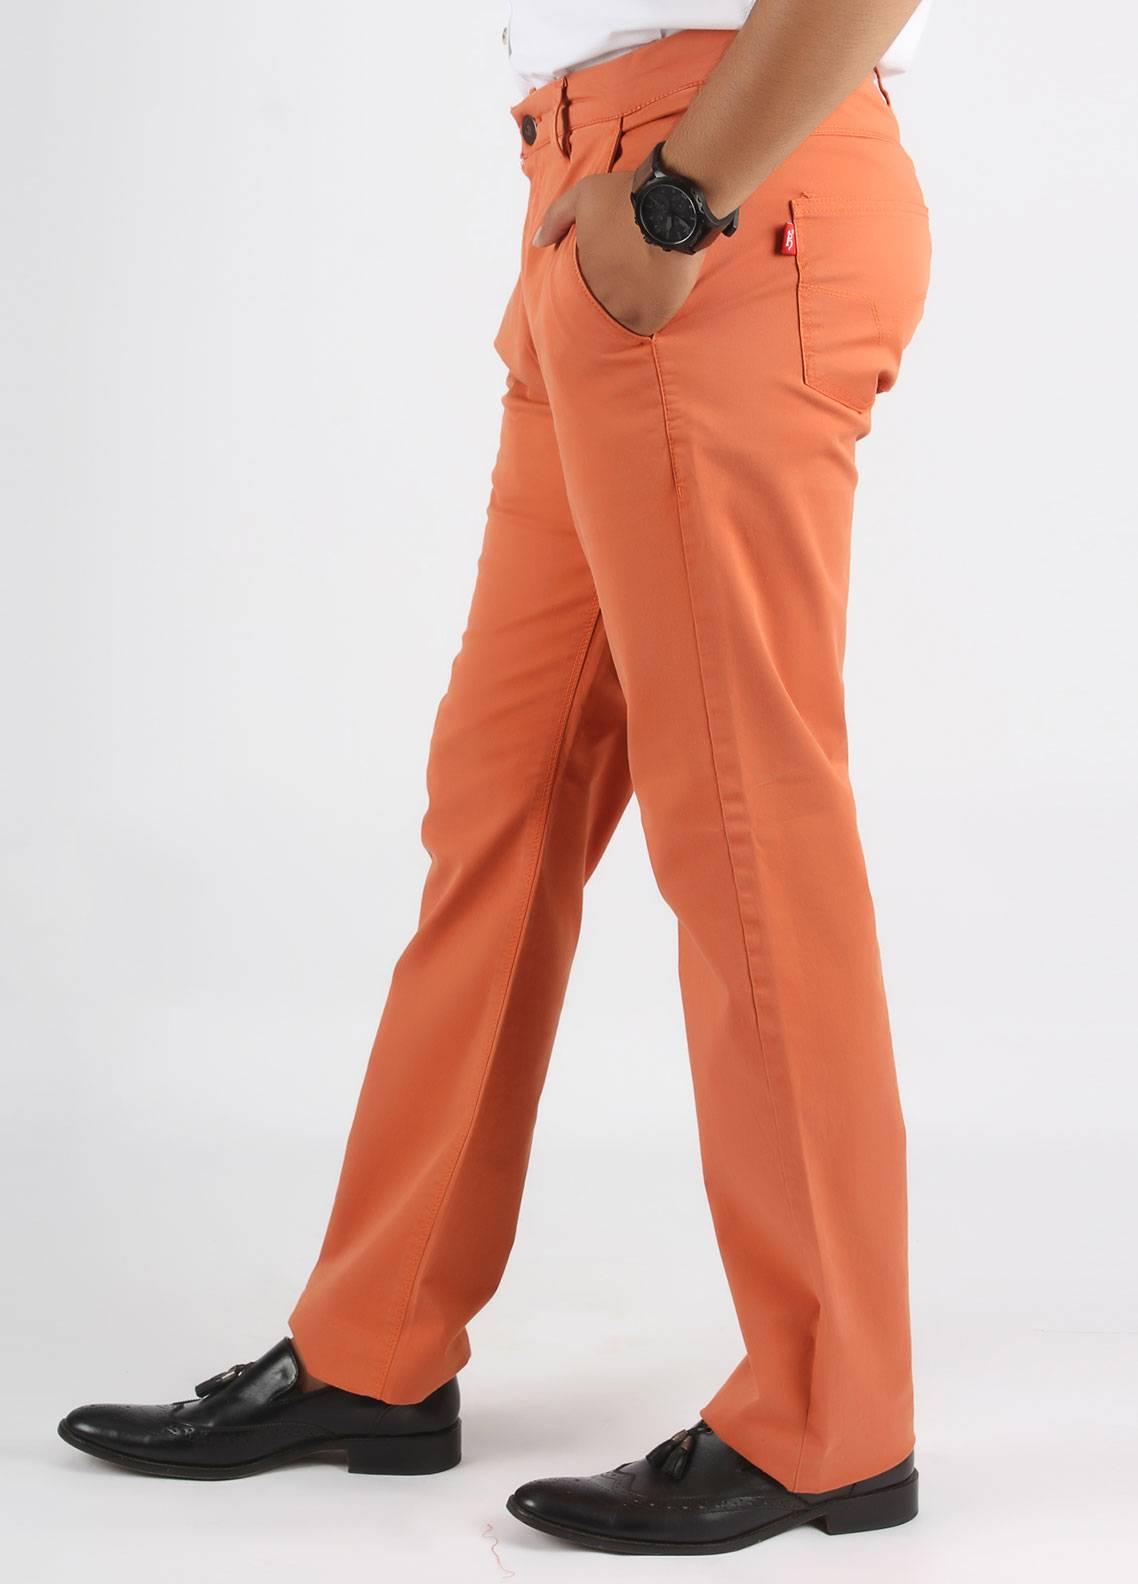 Bien Habille Cotton Casual Jeans for Men -  Avabesco